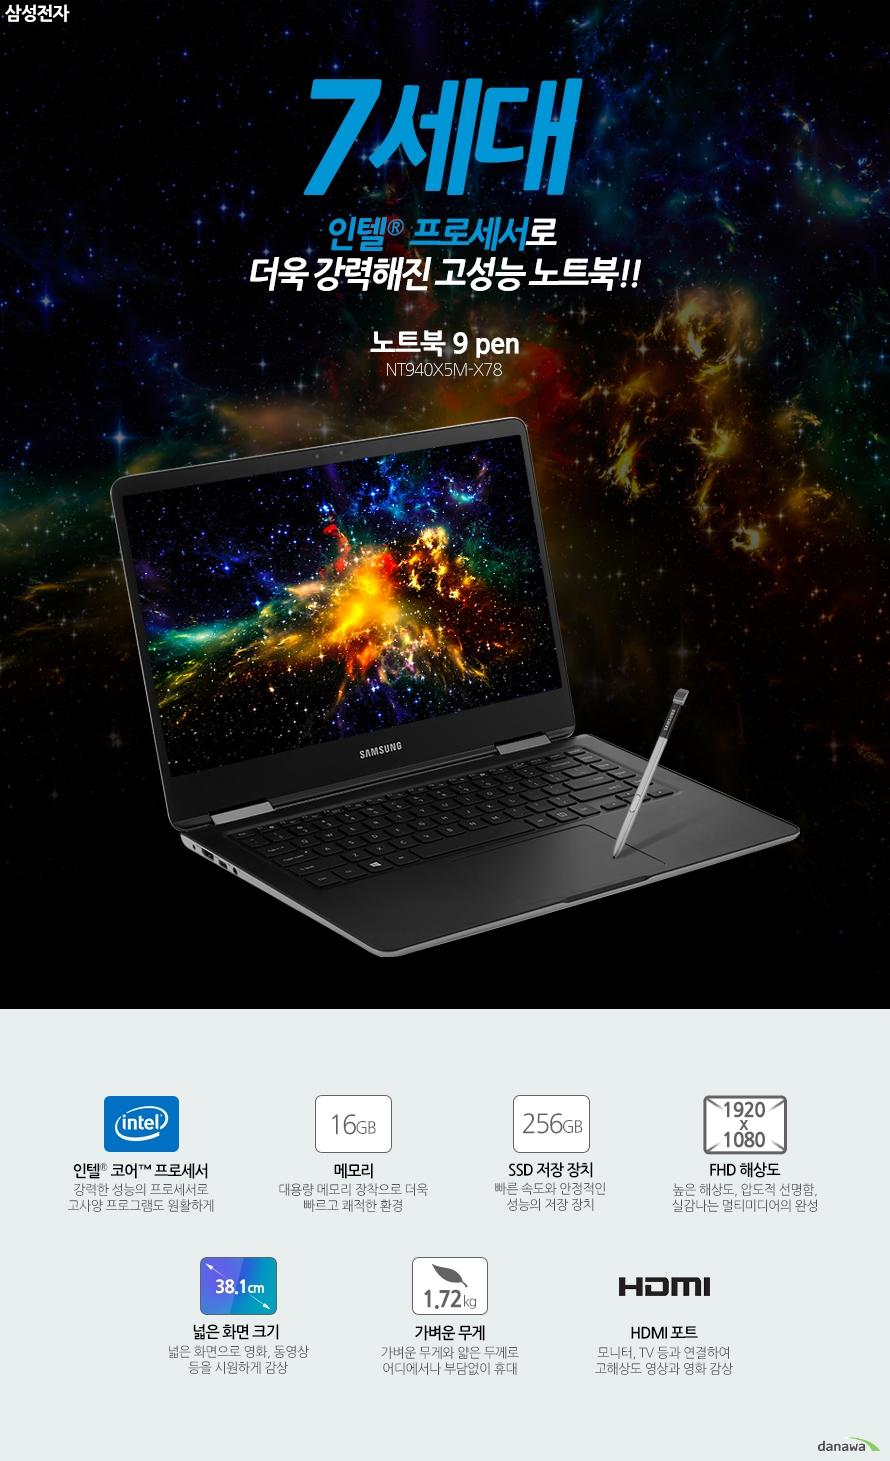 7세대 인텔 프로세서 장착으로 더욱 강력해진 초경량 고성능 노트북!! 삼성전자 노트북9 pen NT940X5M-X78인텔 코어 프로세서 강력한 성능의 프로세서로 고사양 프로그램도 원활하게16GB 메모리 대용량 메모리 장착으로 더욱 빠르고 쾌적한 환경256GB SSD 저장 장치 빠른 속도와 안정적인 성능의 저장 장치1920 x 1080 FHD 해상도 높은 해상도, 압도적 선명함, 실감나는 멀티미디어의 완성38.1cm 화면 크기 넓은 화면으로 영화, 동영상 등을 시원하게 감상 1.72kg 가벼운 무게 가벼운 무게와 얇은 두께로 어디에서나 부담없이 휴대HDMI 포트 모니터, TV 등과 연결하여 고해상도 영상과 영화 감상